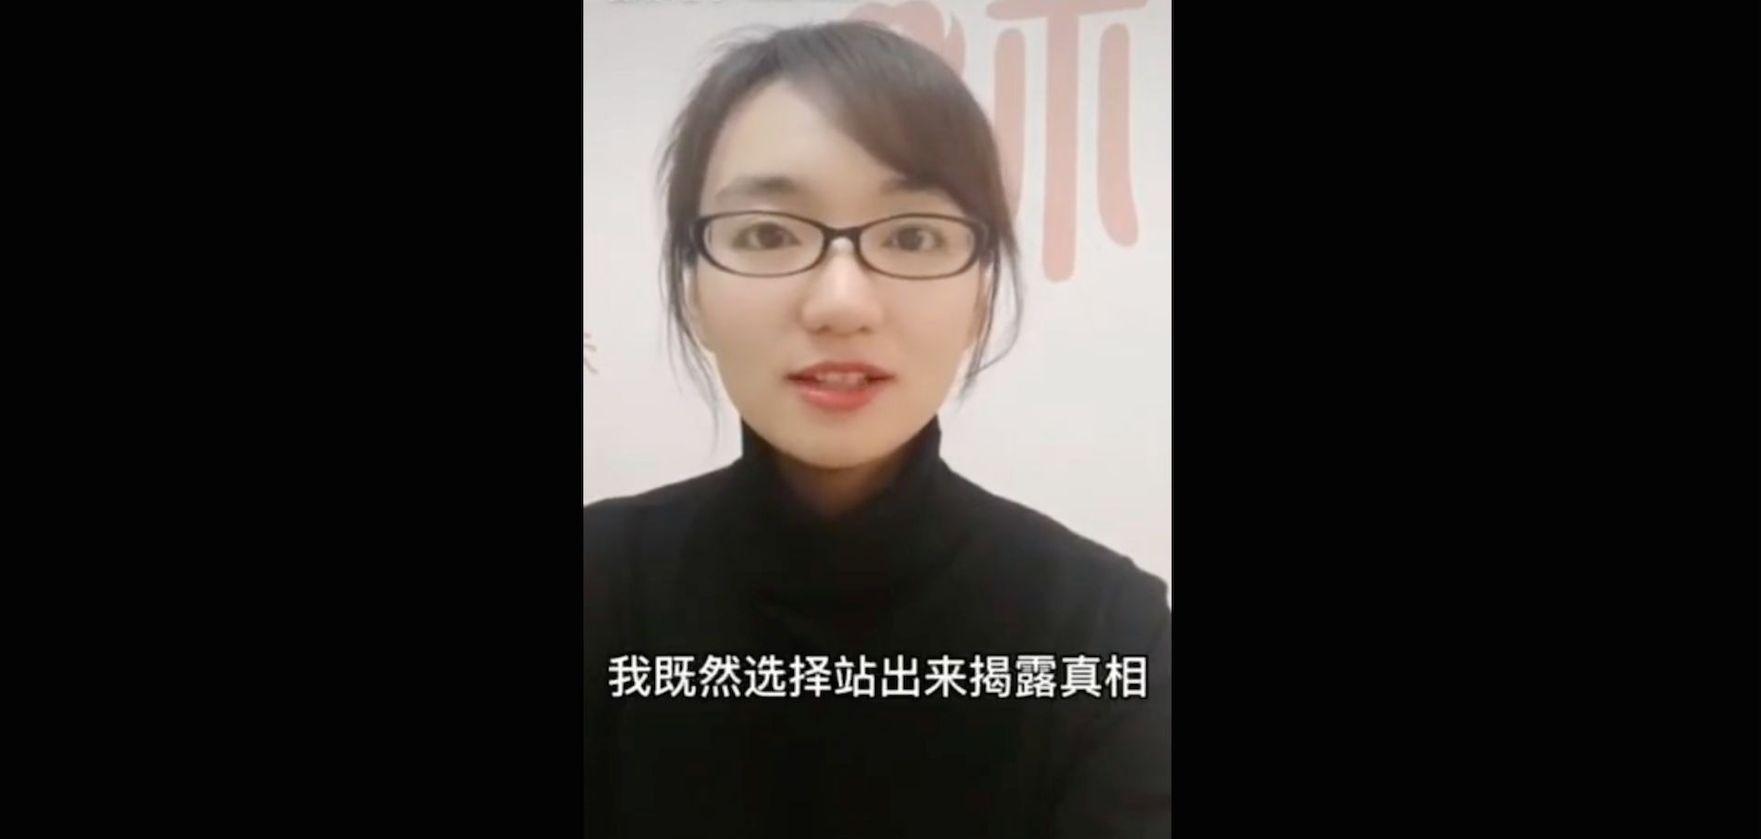 近日,張乃丹就公司包庇黑幕再次發影片追問真相。(影片截圖)